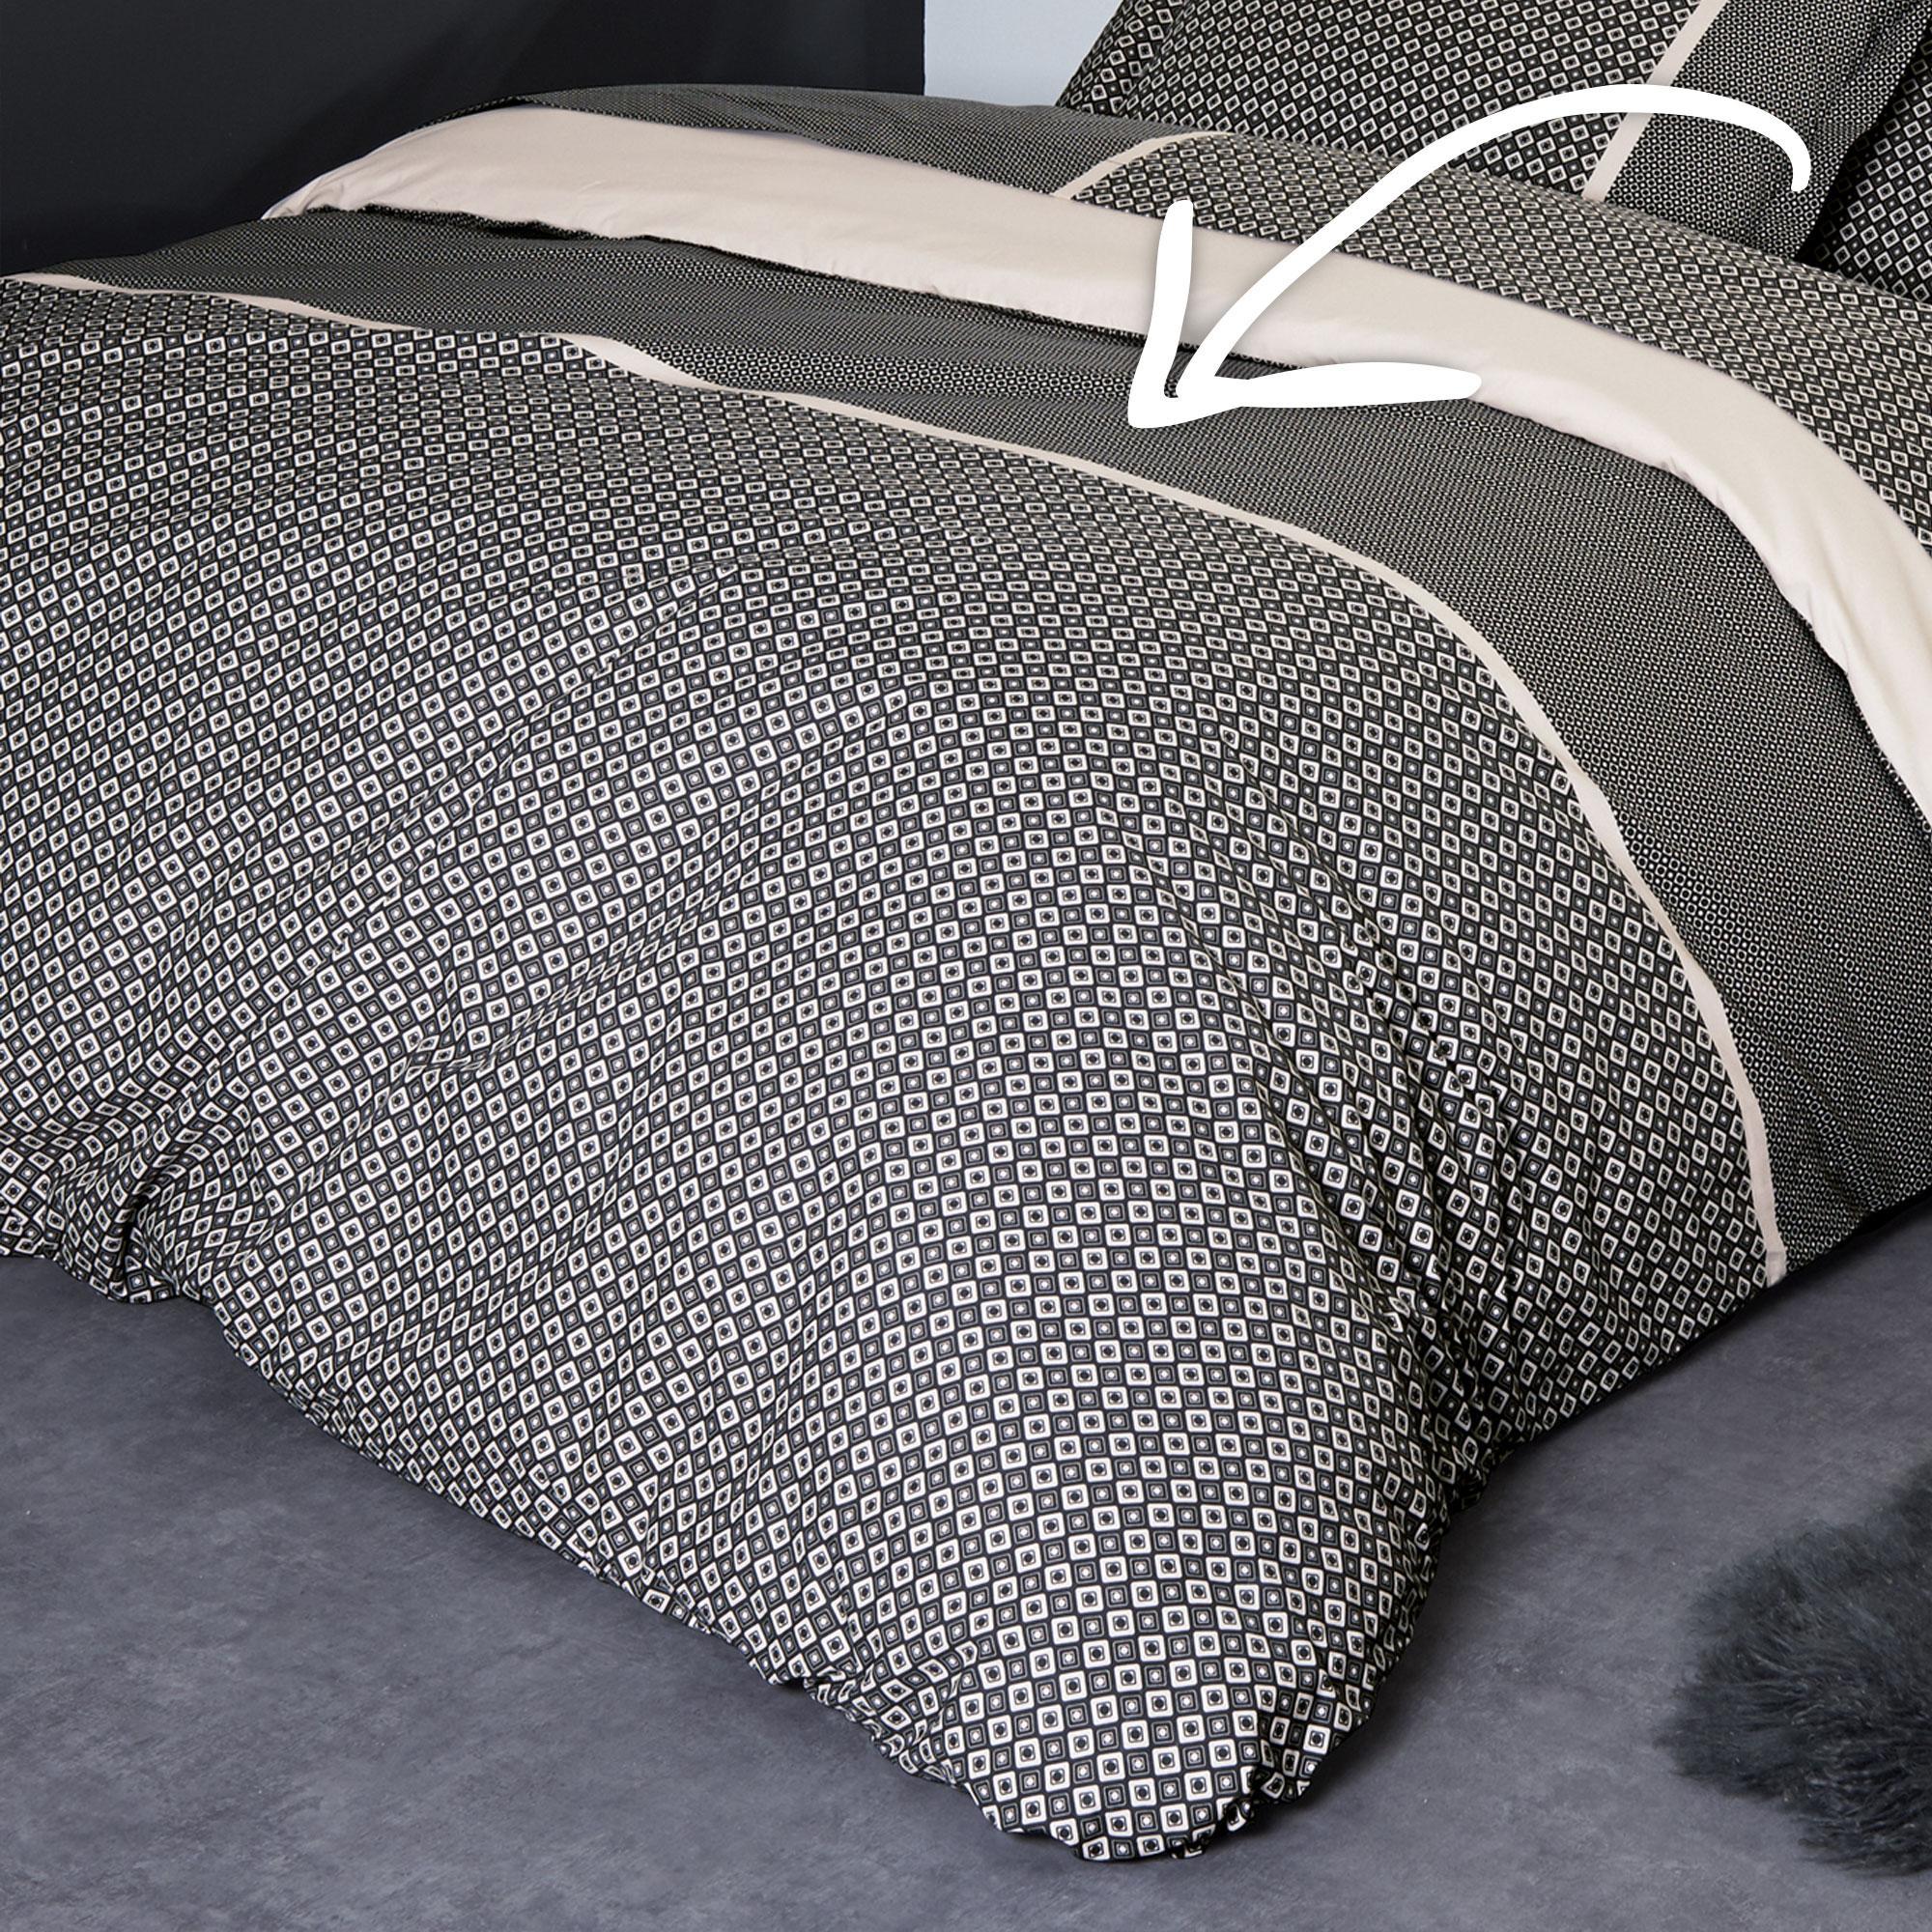 housse de couette percale pur coton peign 240x220 cm gatsby linnea vente de linge de maison. Black Bedroom Furniture Sets. Home Design Ideas